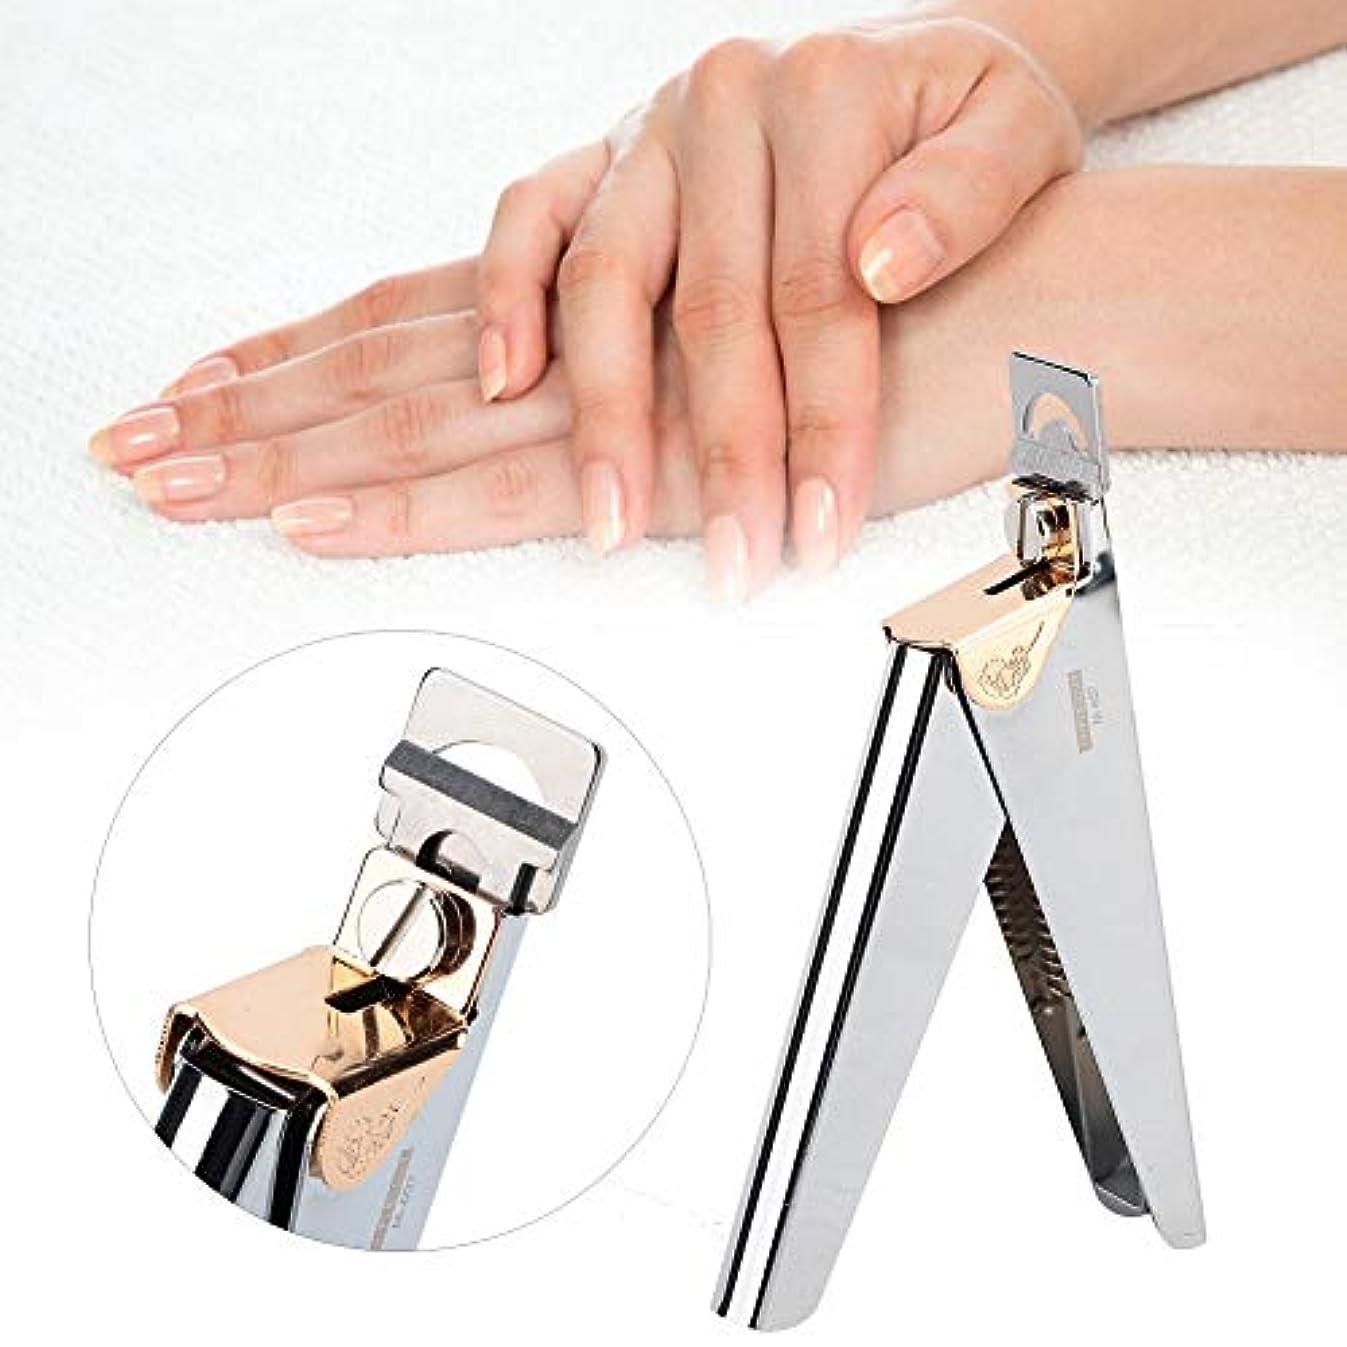 くるみ細分化する一瞬指爪 爪ケア ネイルチップクリッパーカッター フランス式 プロ U字型ネイルアートクリッパーはさみ - マニキュア偽ネイルチップカッター - ステンレス鋼